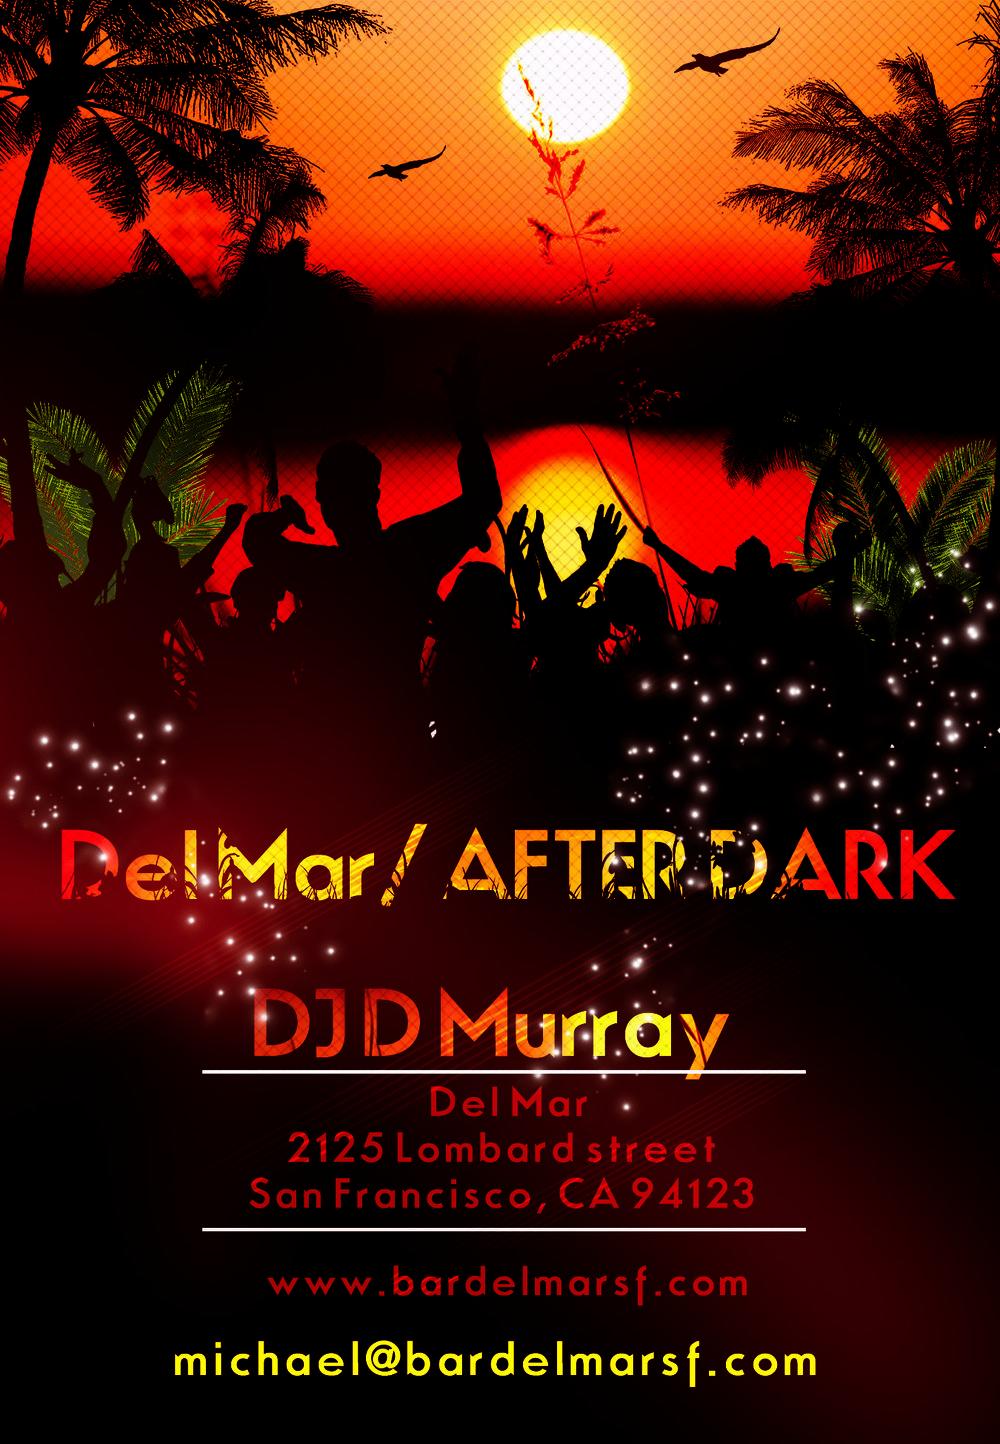 Del Mar After Dark flyer DJ D Murray.jpg